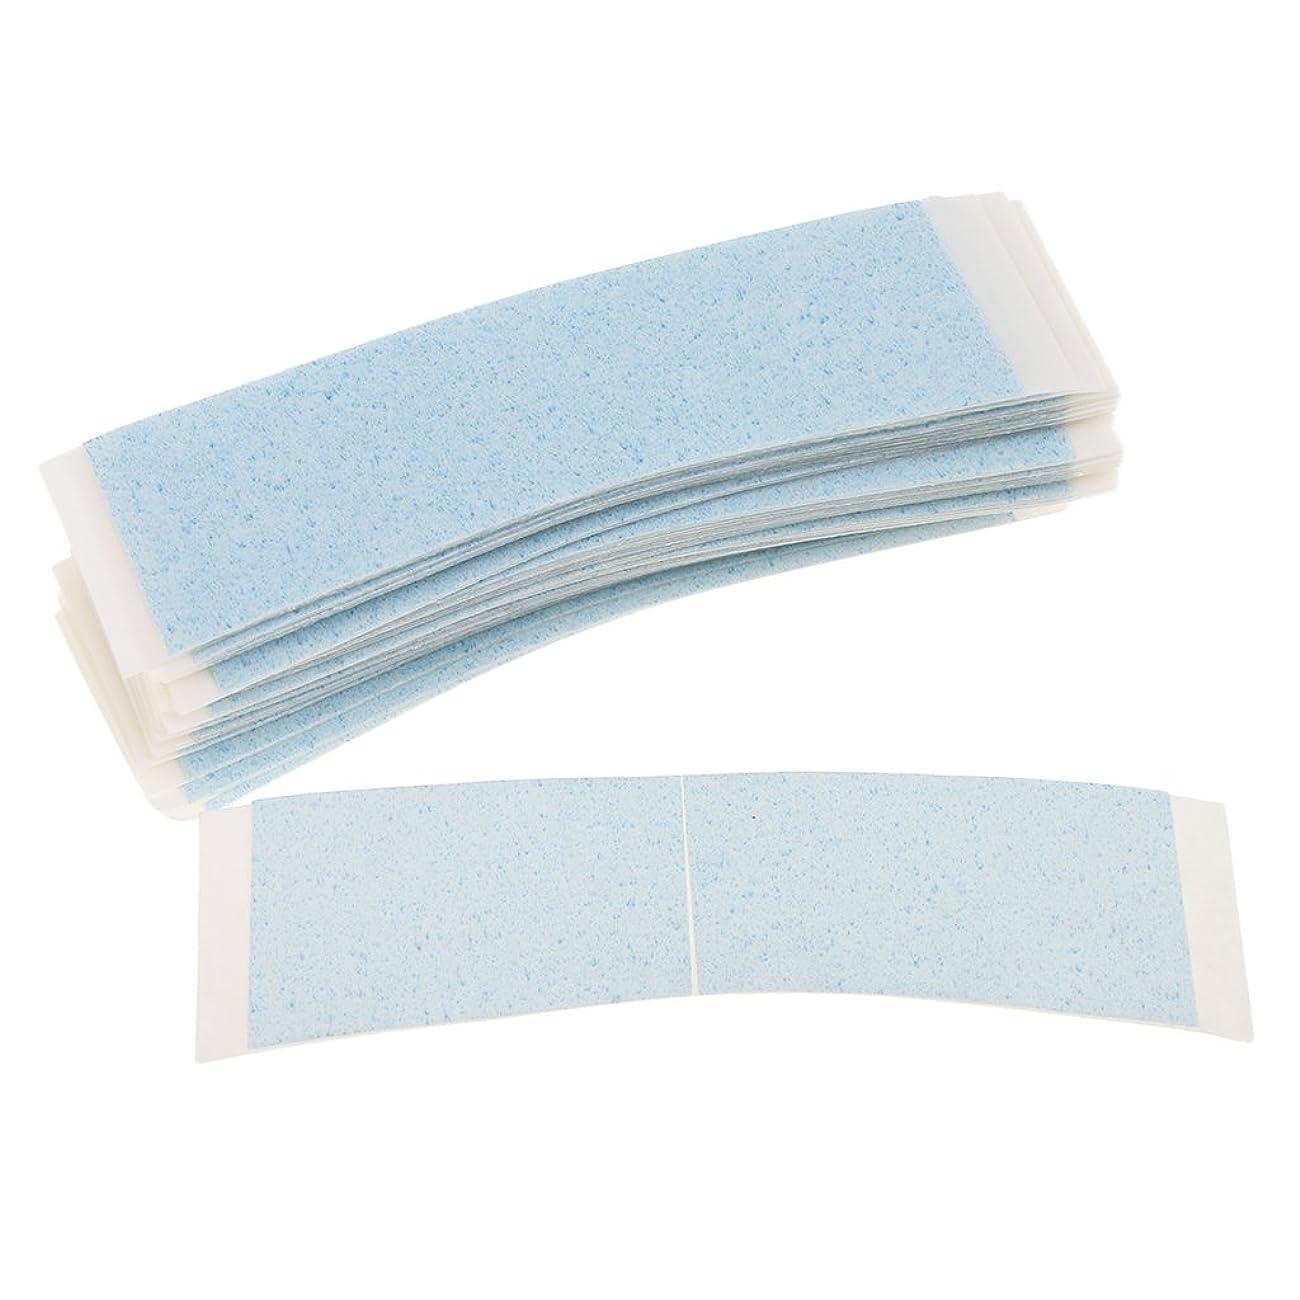 国民投票発行する展望台Perfeclan 36個入り かつら粘着テープ 両面接着テープ かつら用 防水両面テープ